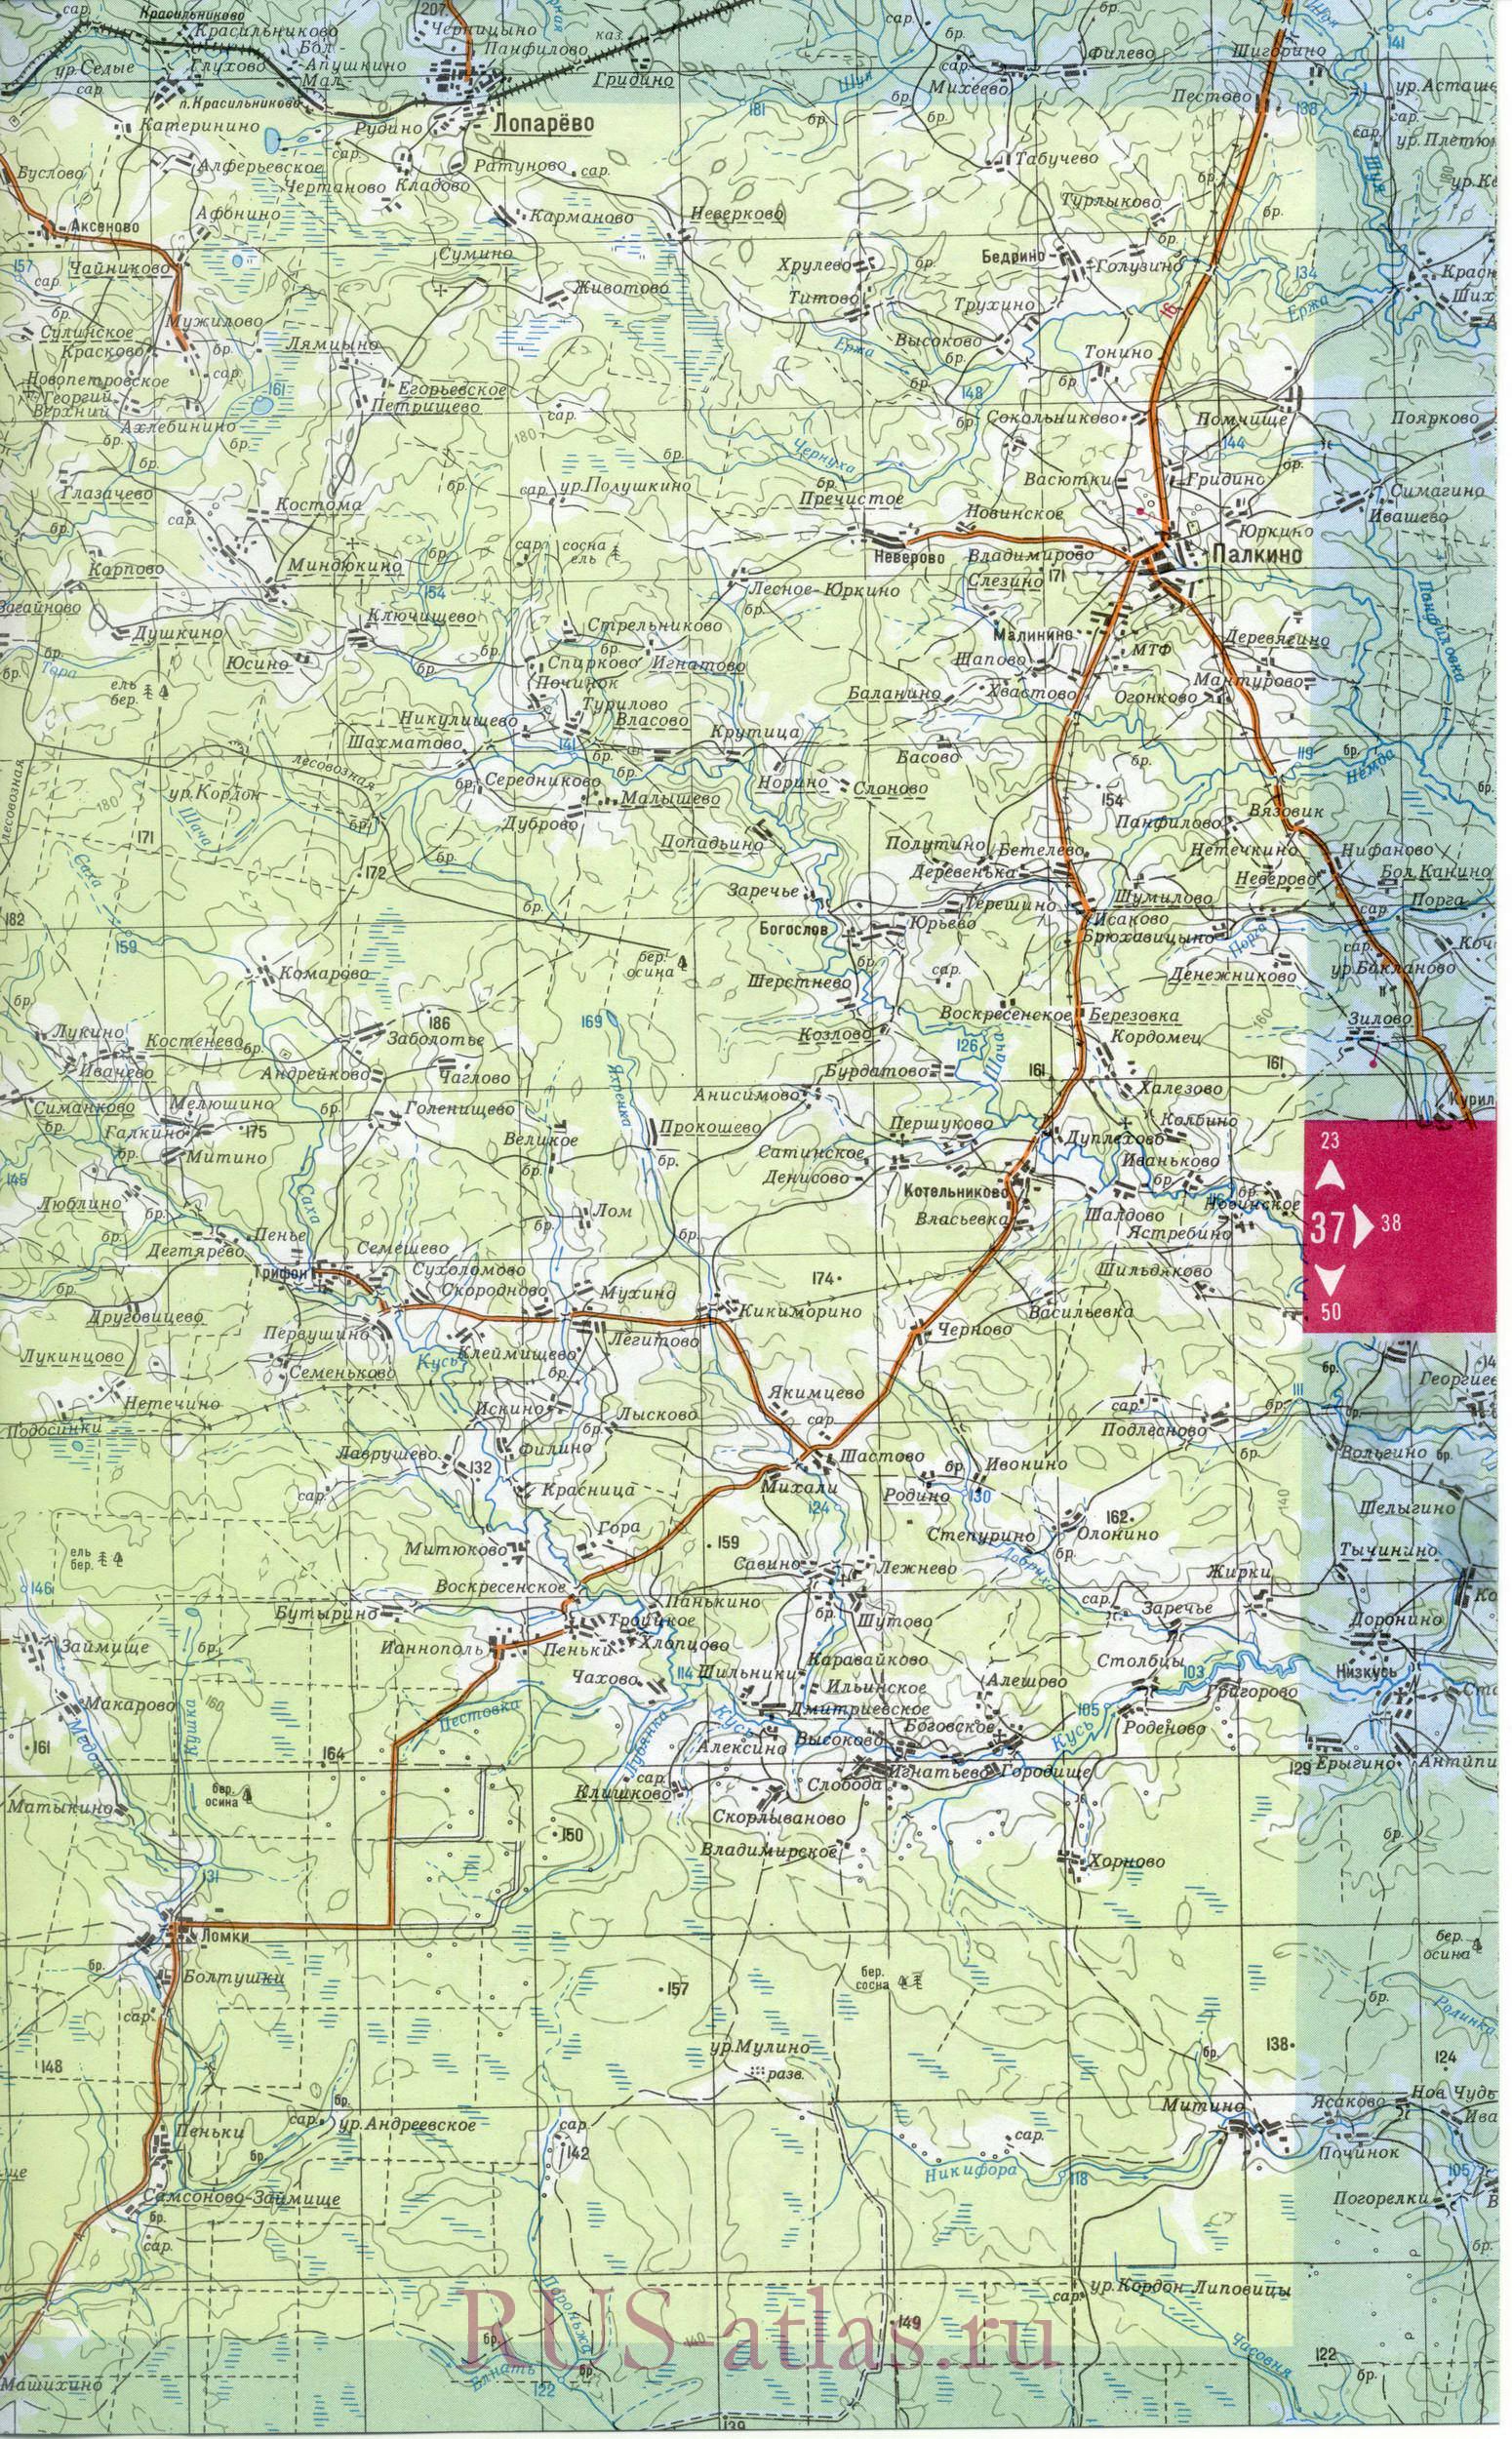 Галичский уезд карта части костромской губернии с чухломским уездом 1821 года